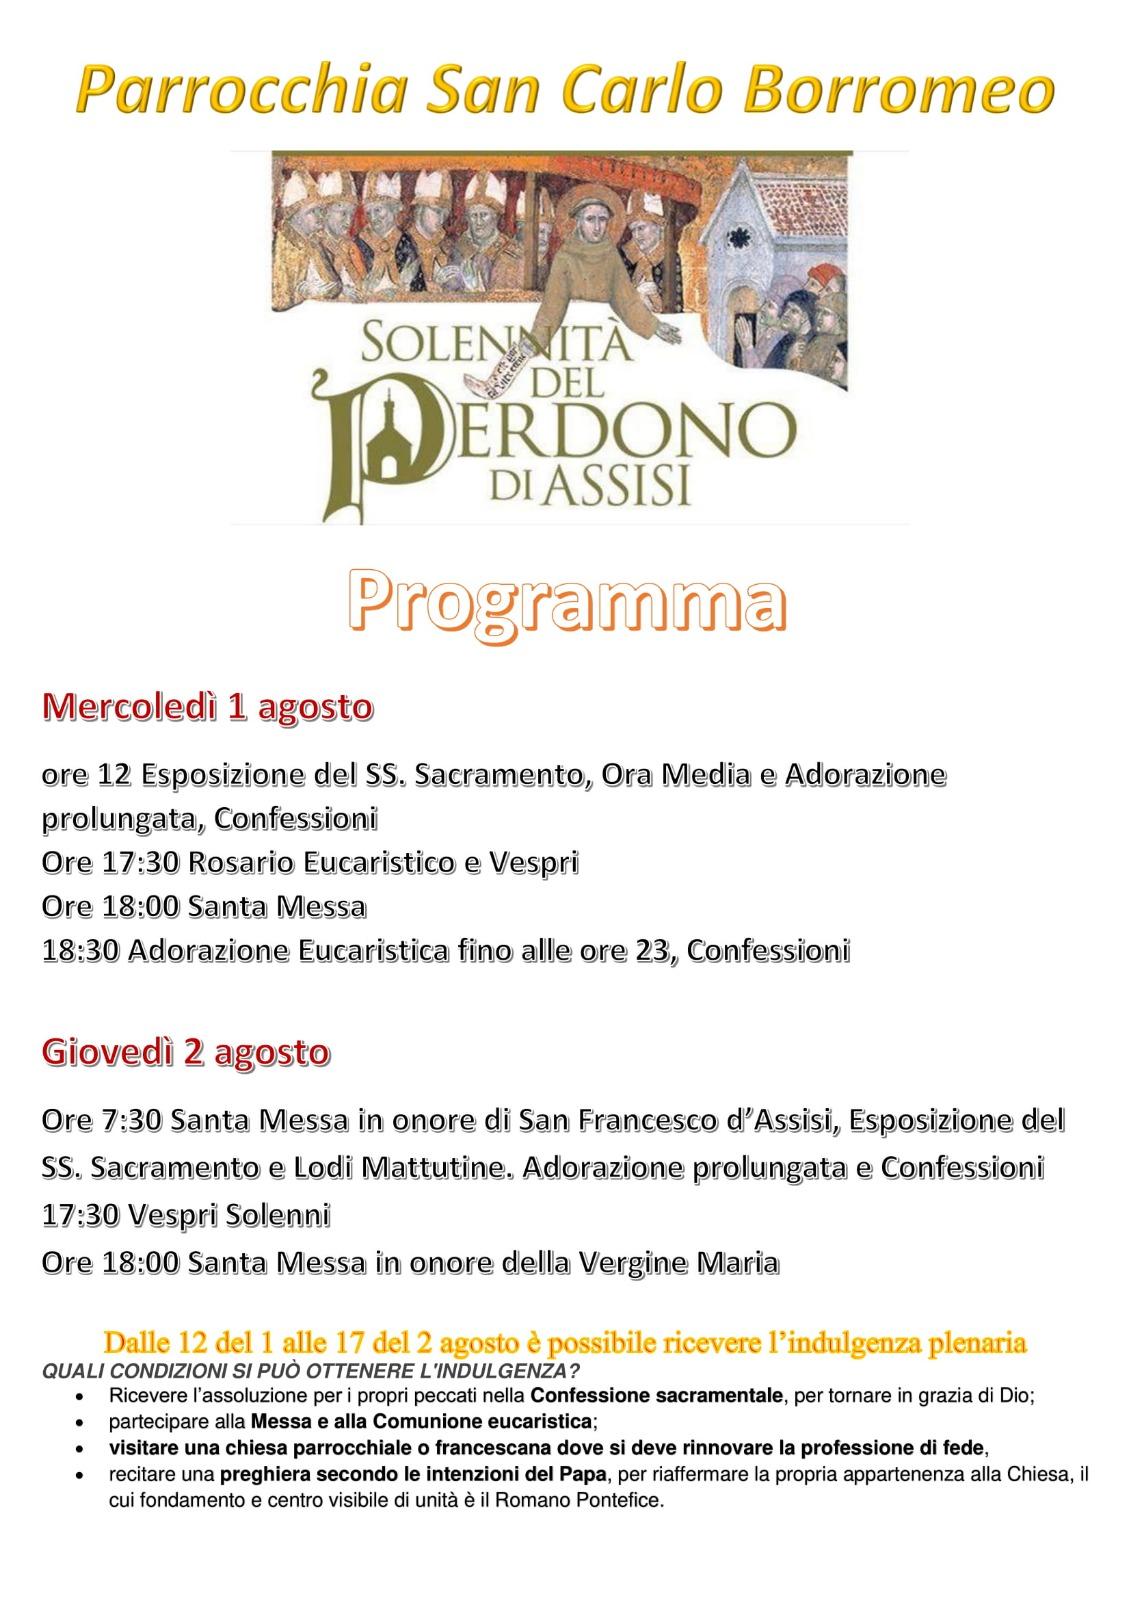 Solennità Perdono di Assisi 2018